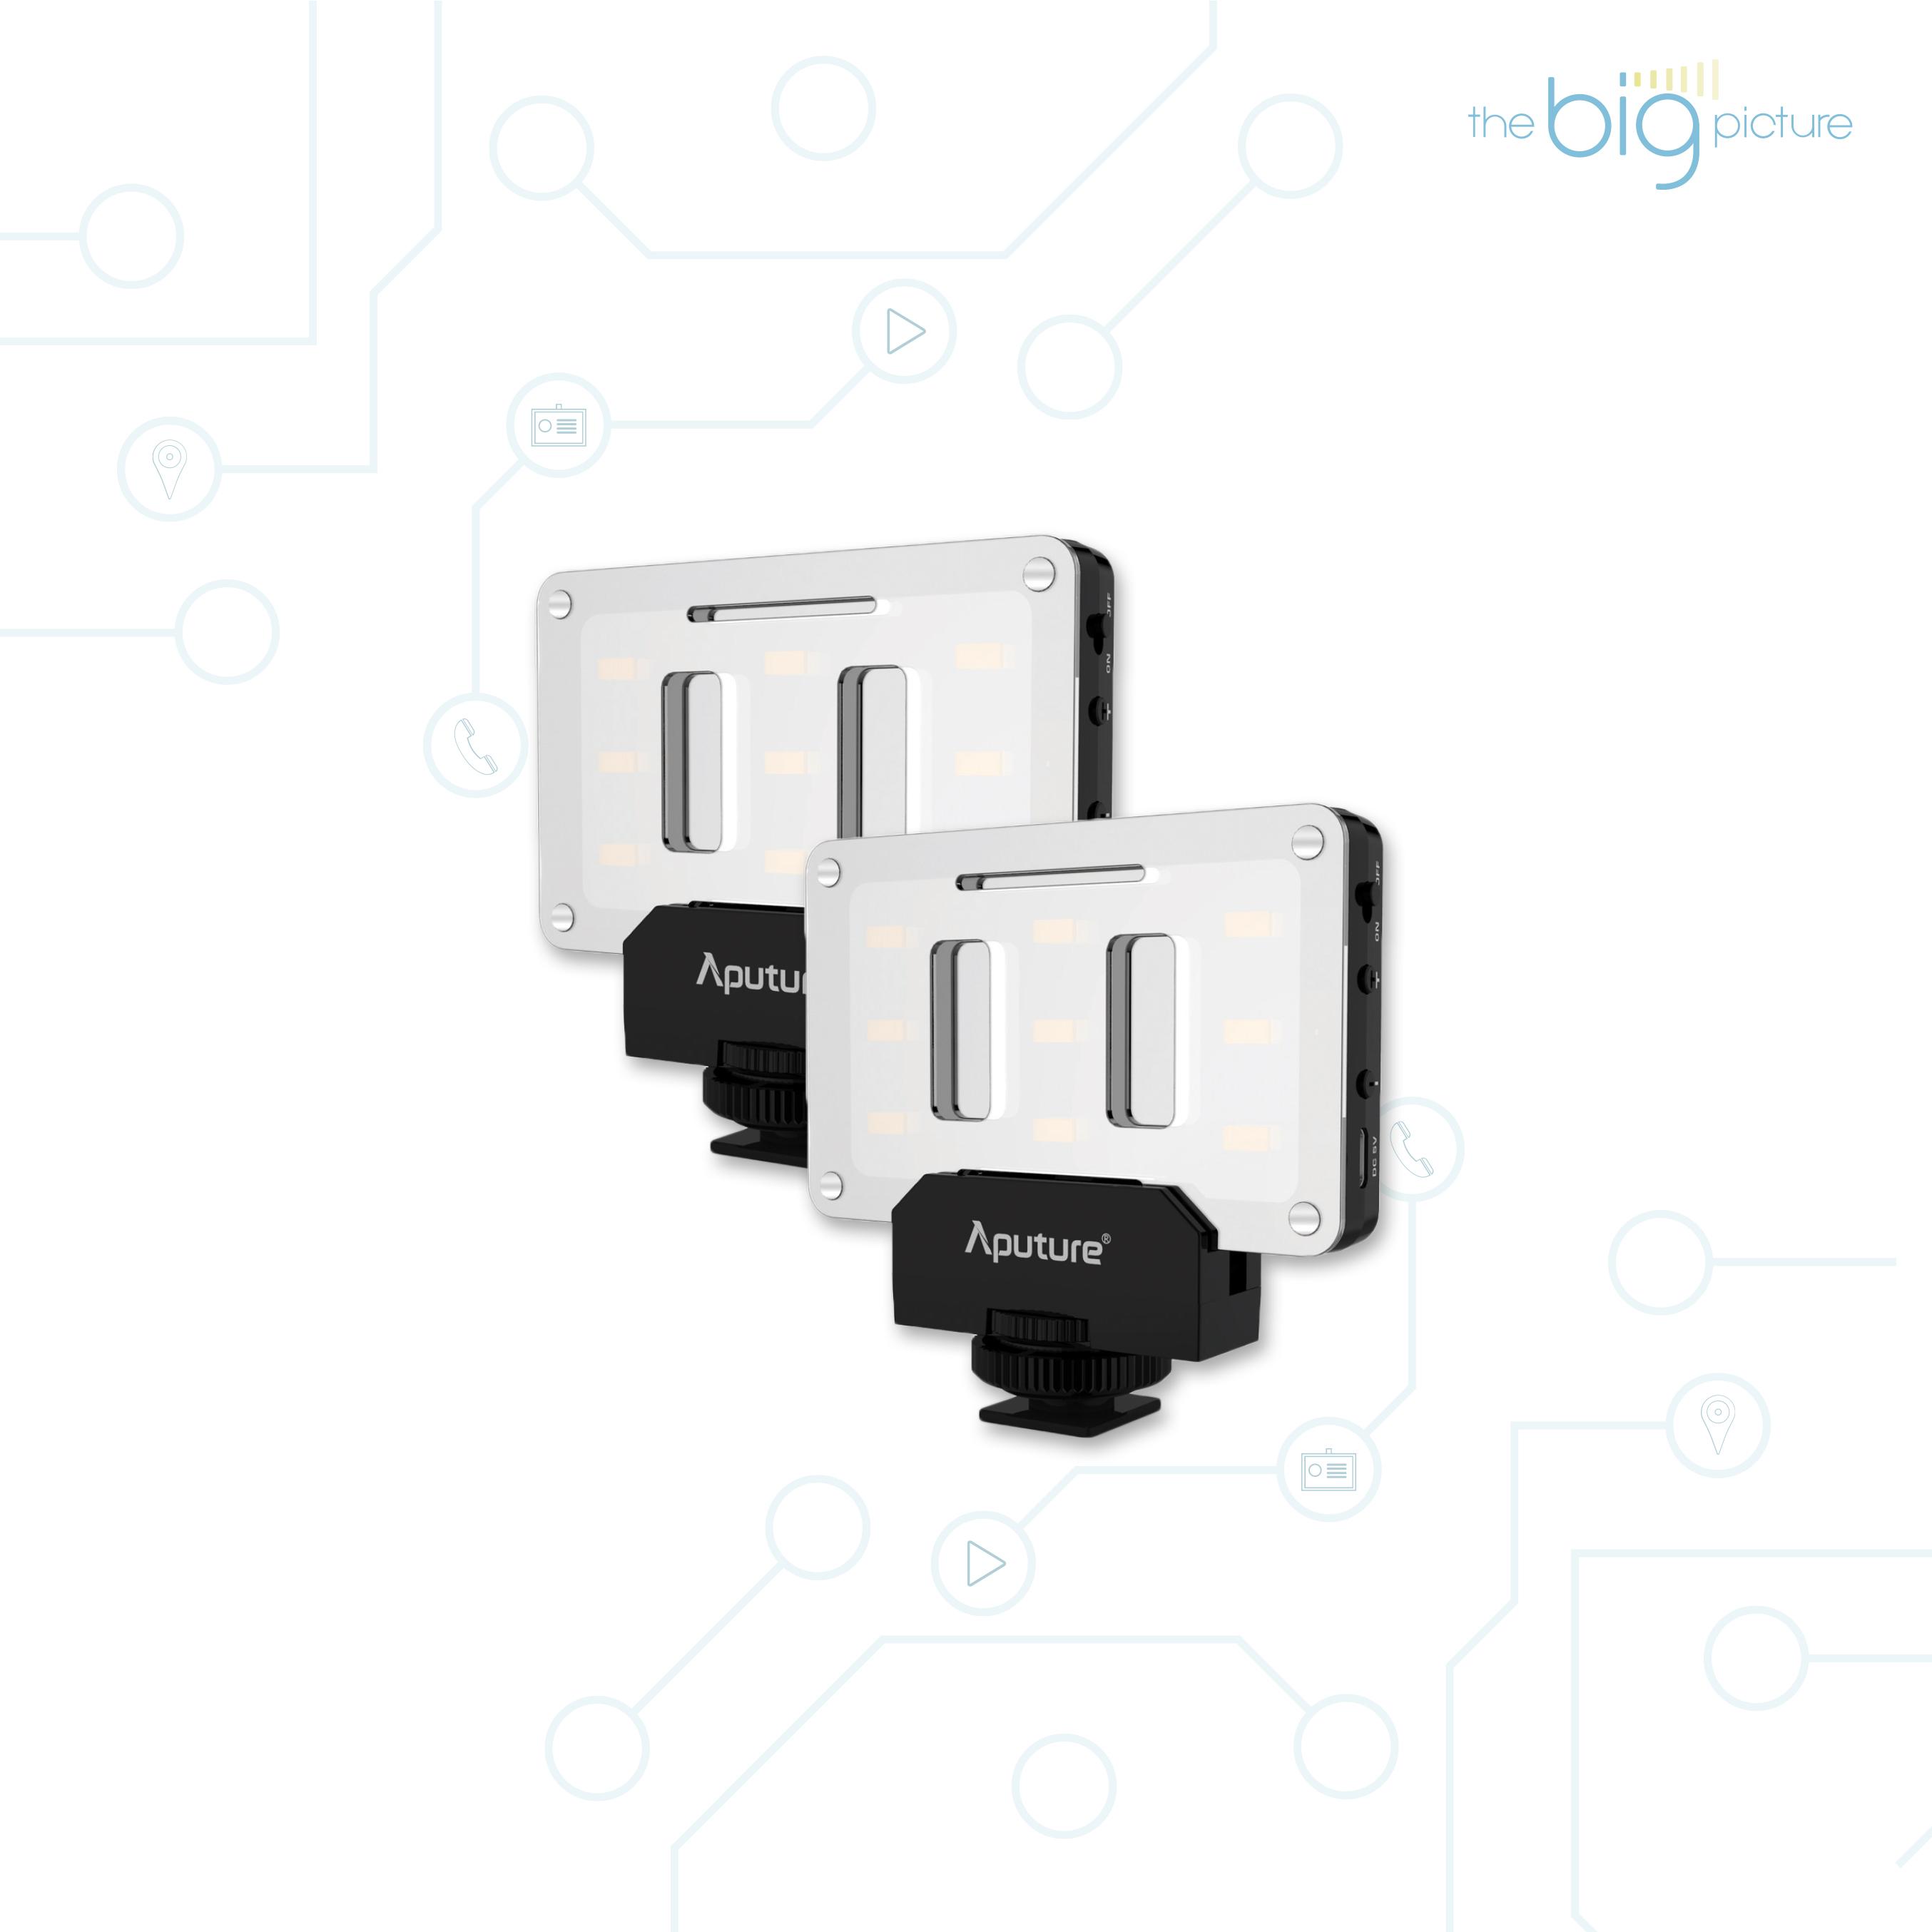 Aputure AL M9 - pocket sized LED video light.